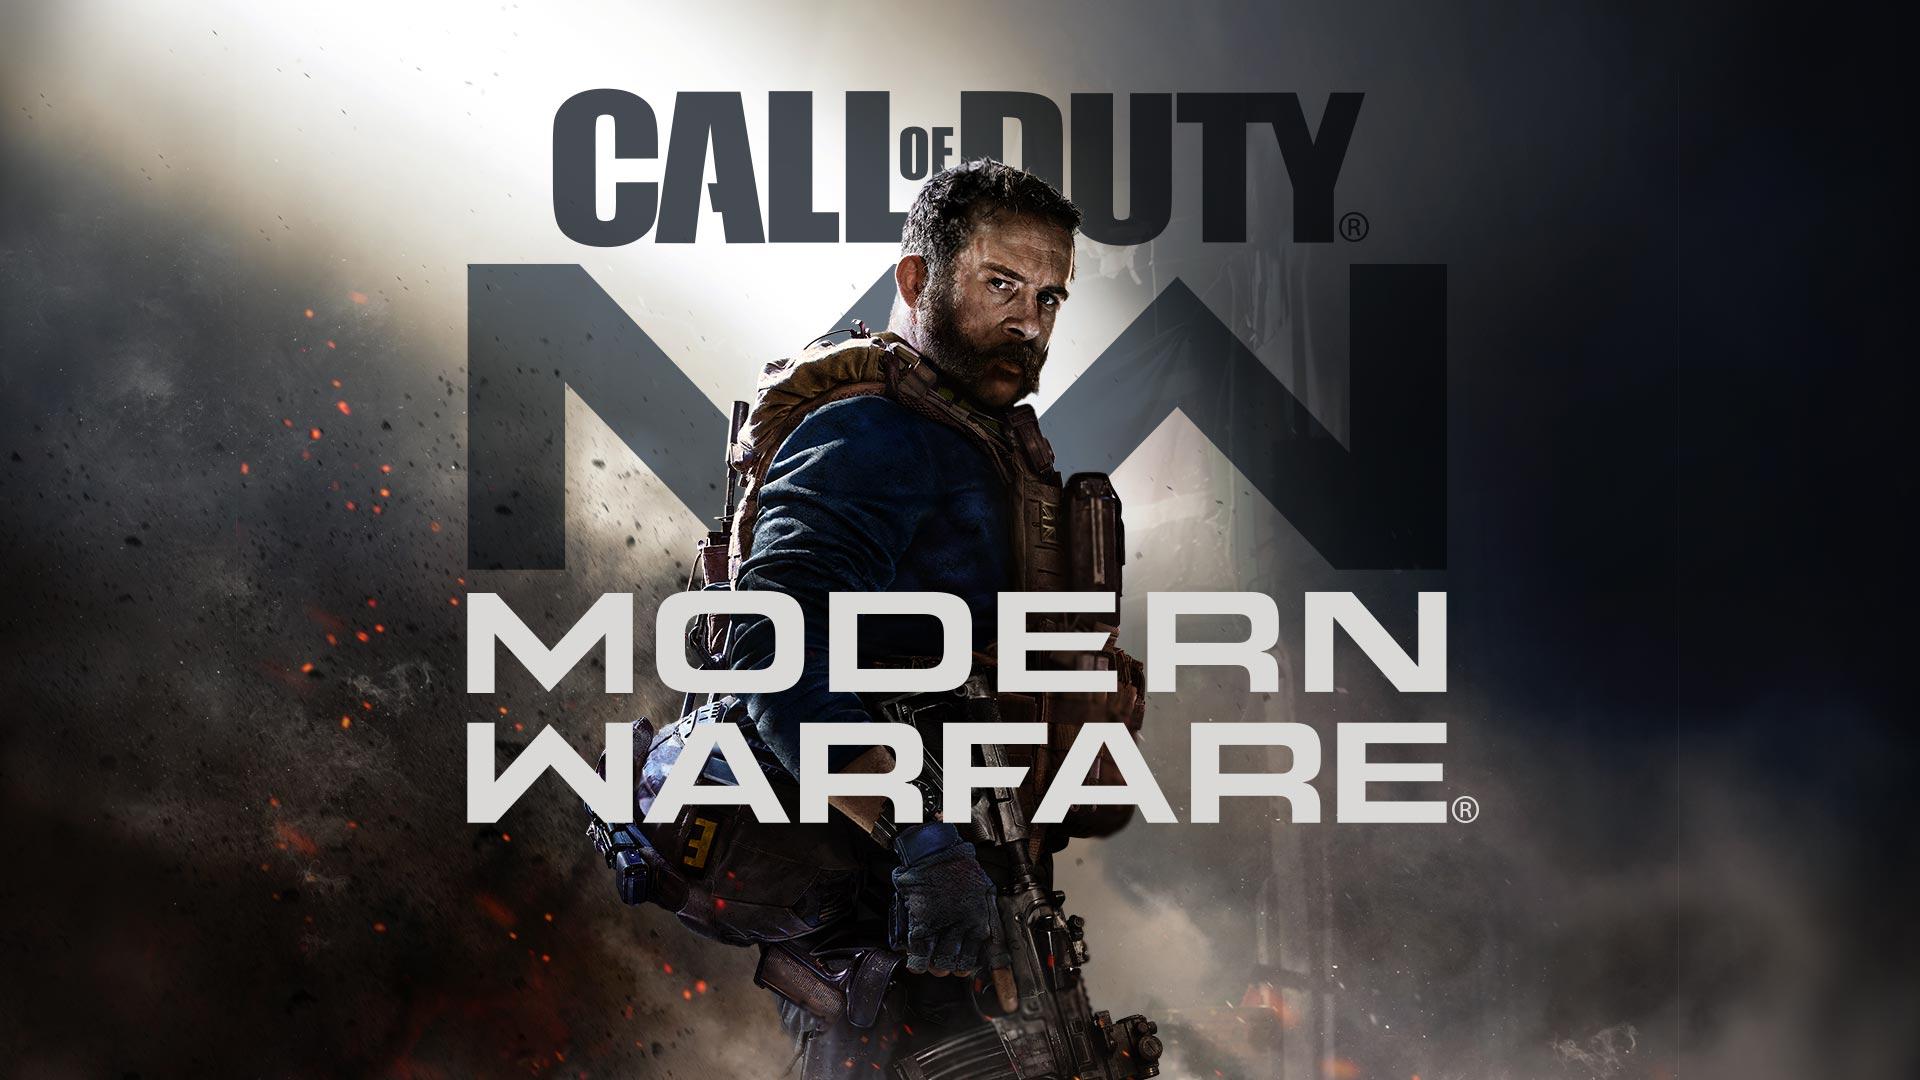 Call of Duty: Modern Warfase é o clássico jogo de guerra com modo singleplayer e multiplayer (Foto: Divulgação/Activision)